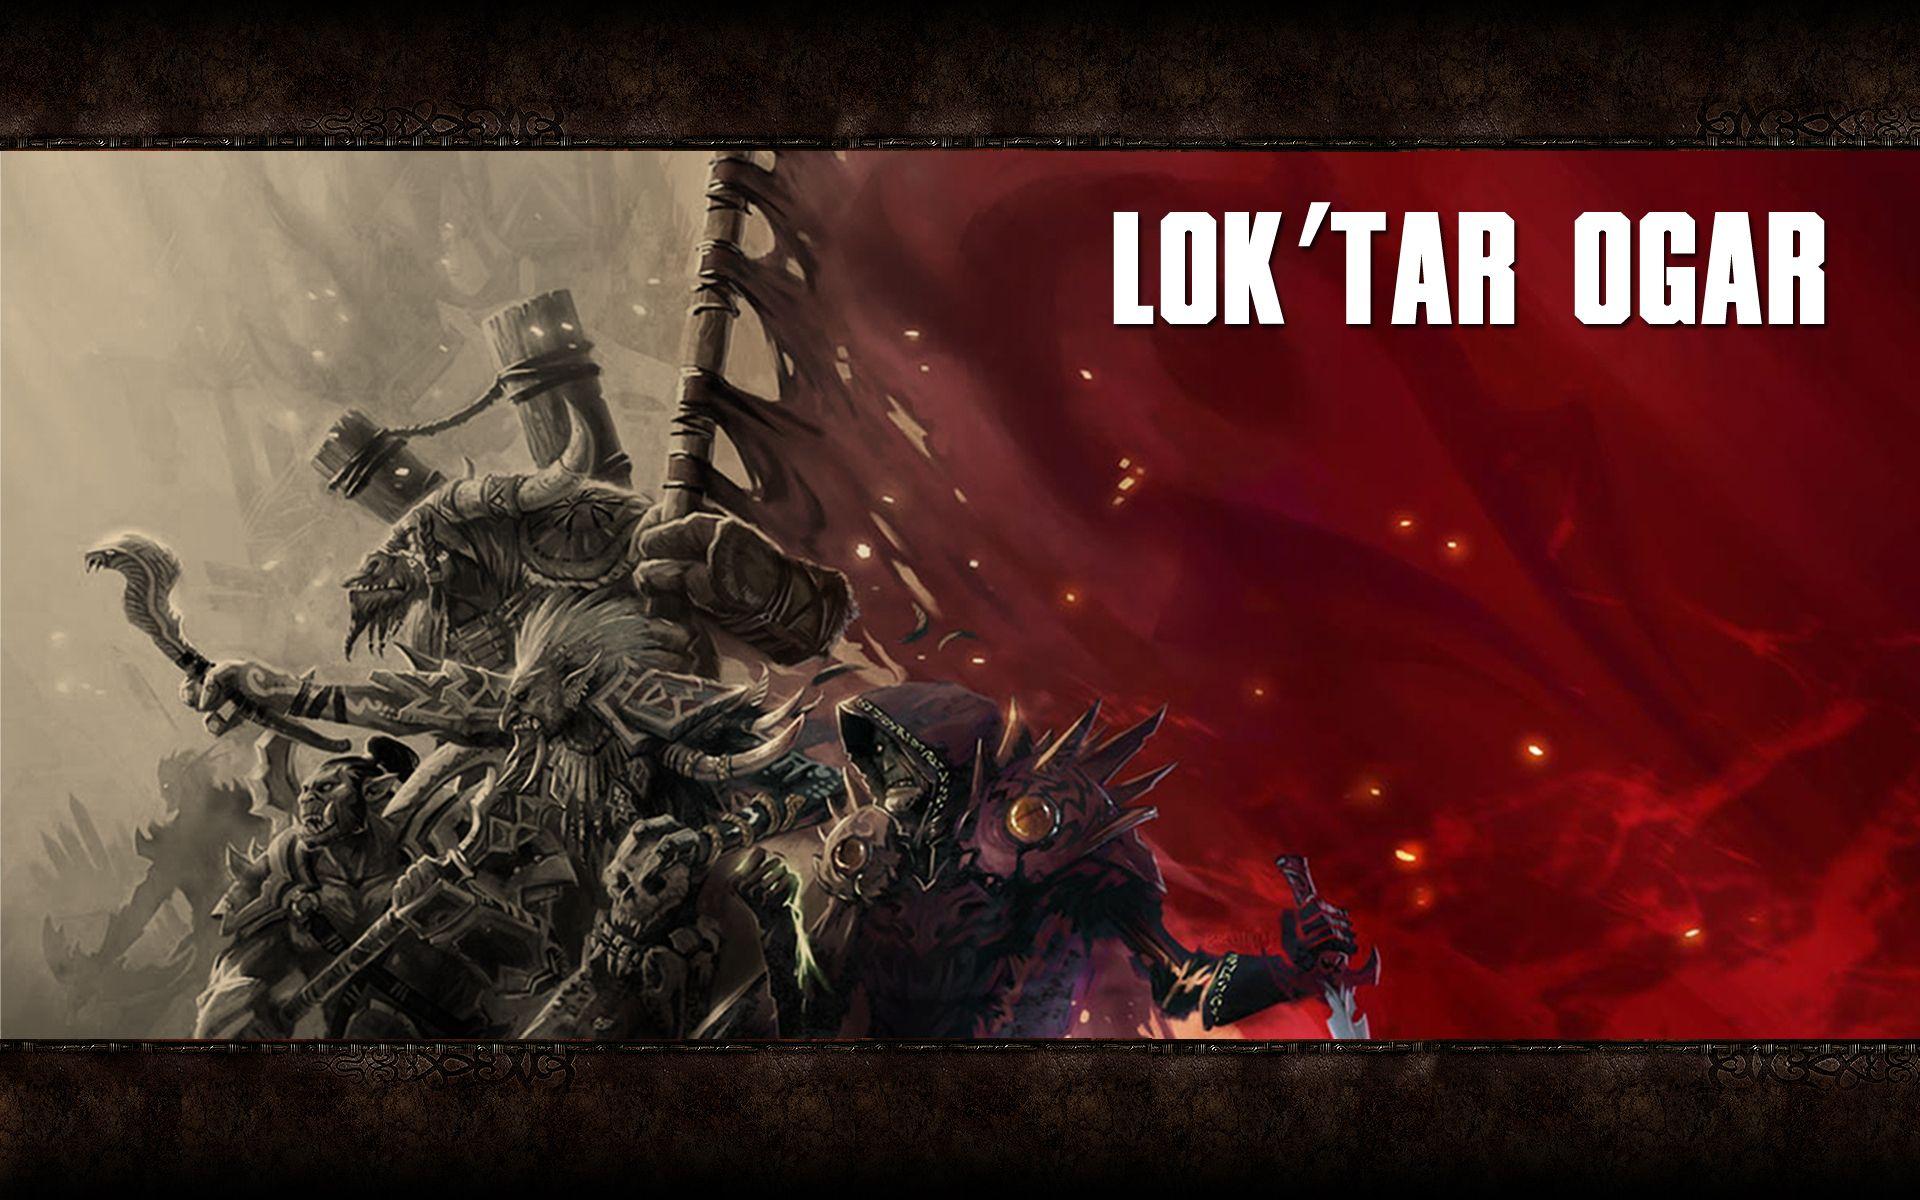 World Of Warcraft Horde Orcs Tauren Trolls Wallpaper Fantasy Games